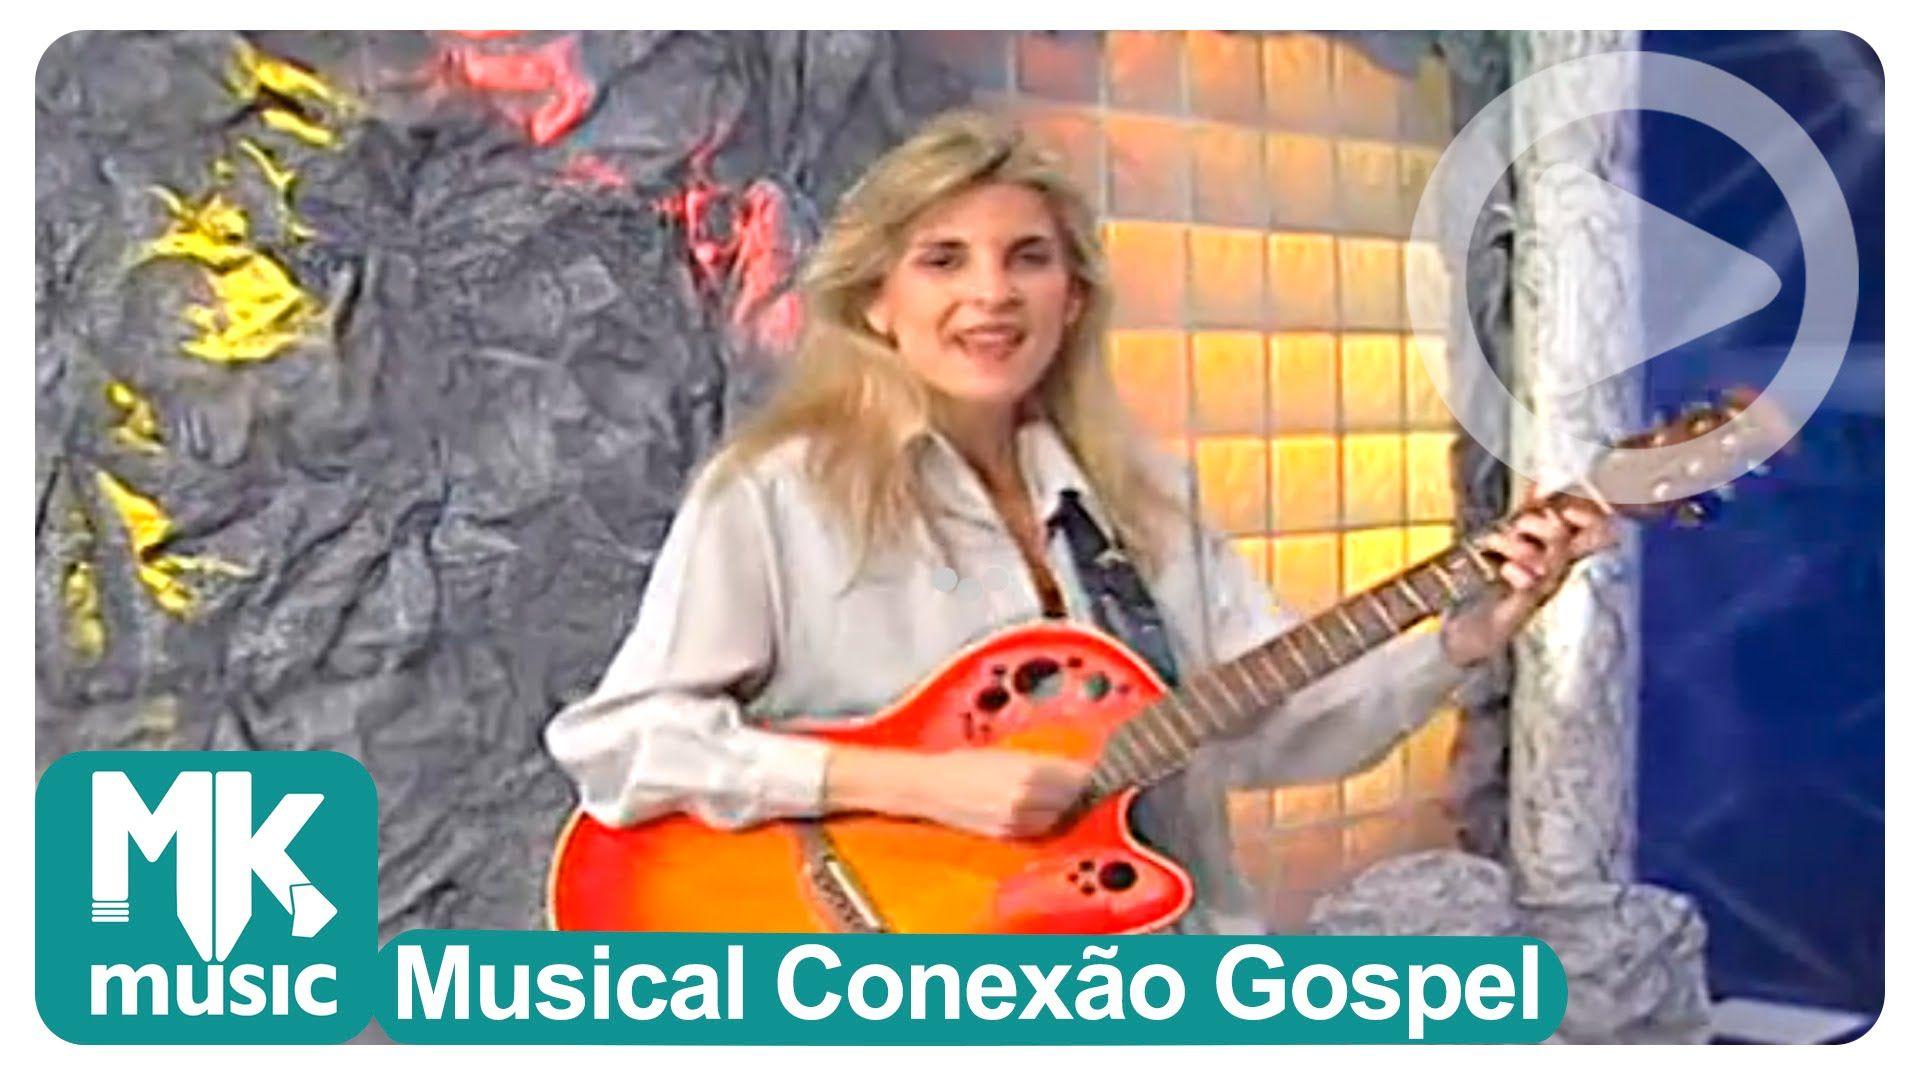 Ludmila Ferber O Verdadeiro Amor Musical Conexao Gospel